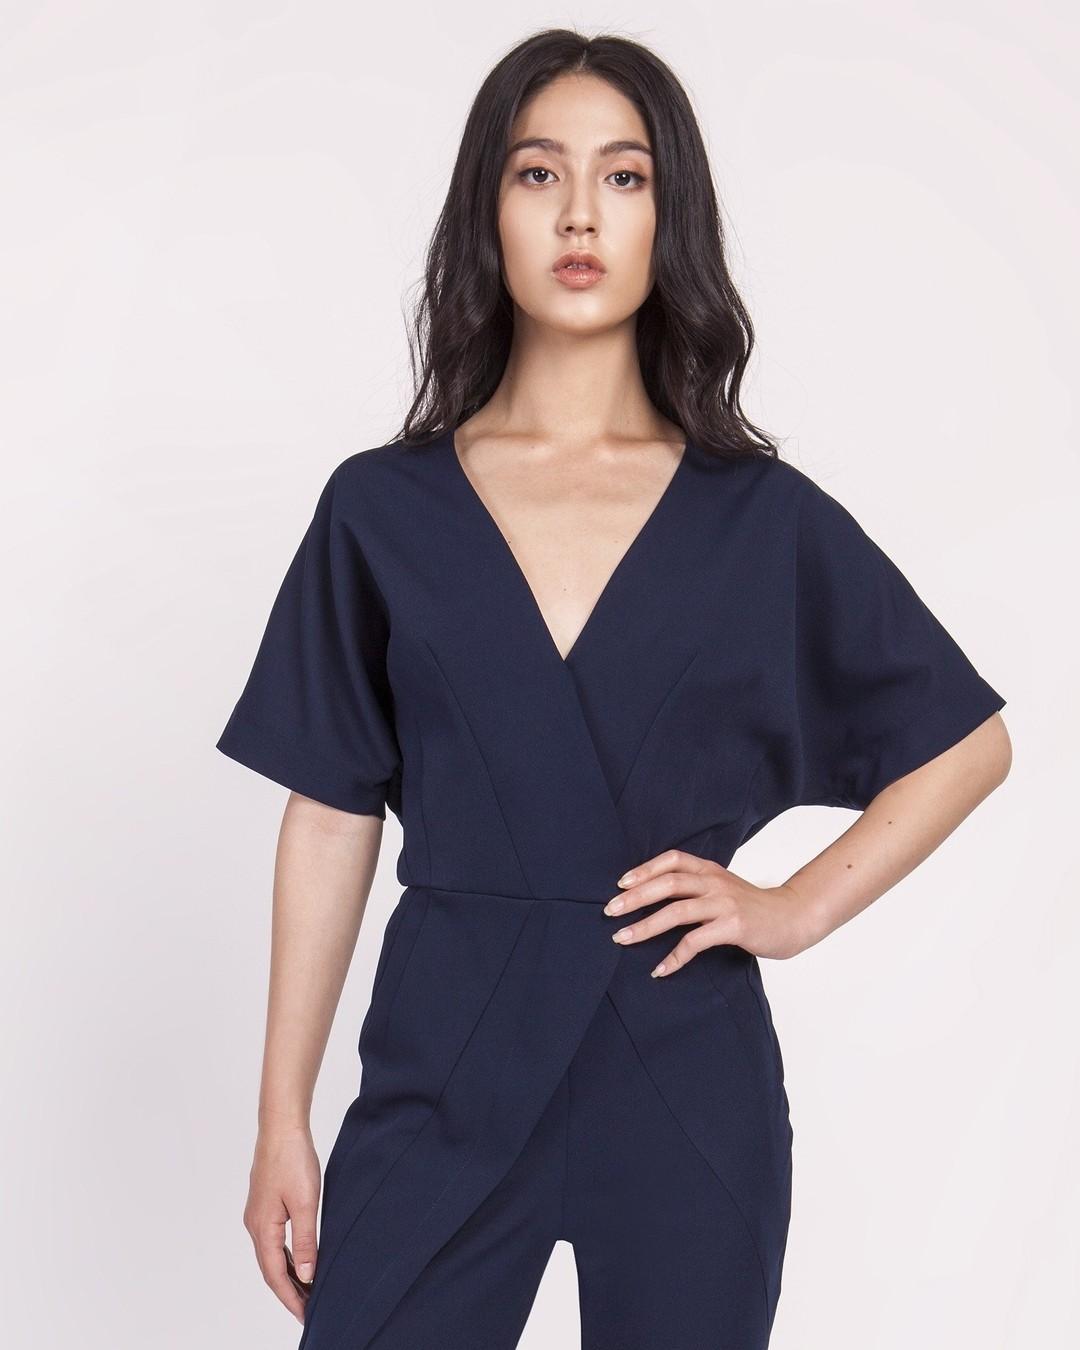 Geometria jest nieodłącznym elegemntem mody. Już na etapie konstrukcji modelu, posługujemy się skomplikowanymi wzorami matematycznymi, żeby zagwarantować wygodę i idealne proporcje. #konstrukcjaodzieży #kombinezon #jumpsuit #navyblue #granat #kolorgranatowy #kombinezondamski #eleganckikombinezon #fashion #ootd #bajumurah #style #blouse #overall #jumpsuits #romper #jumpsuitstyle #onlineshopping #fashionblogger #fashionista #onlineshop #dresses 1806